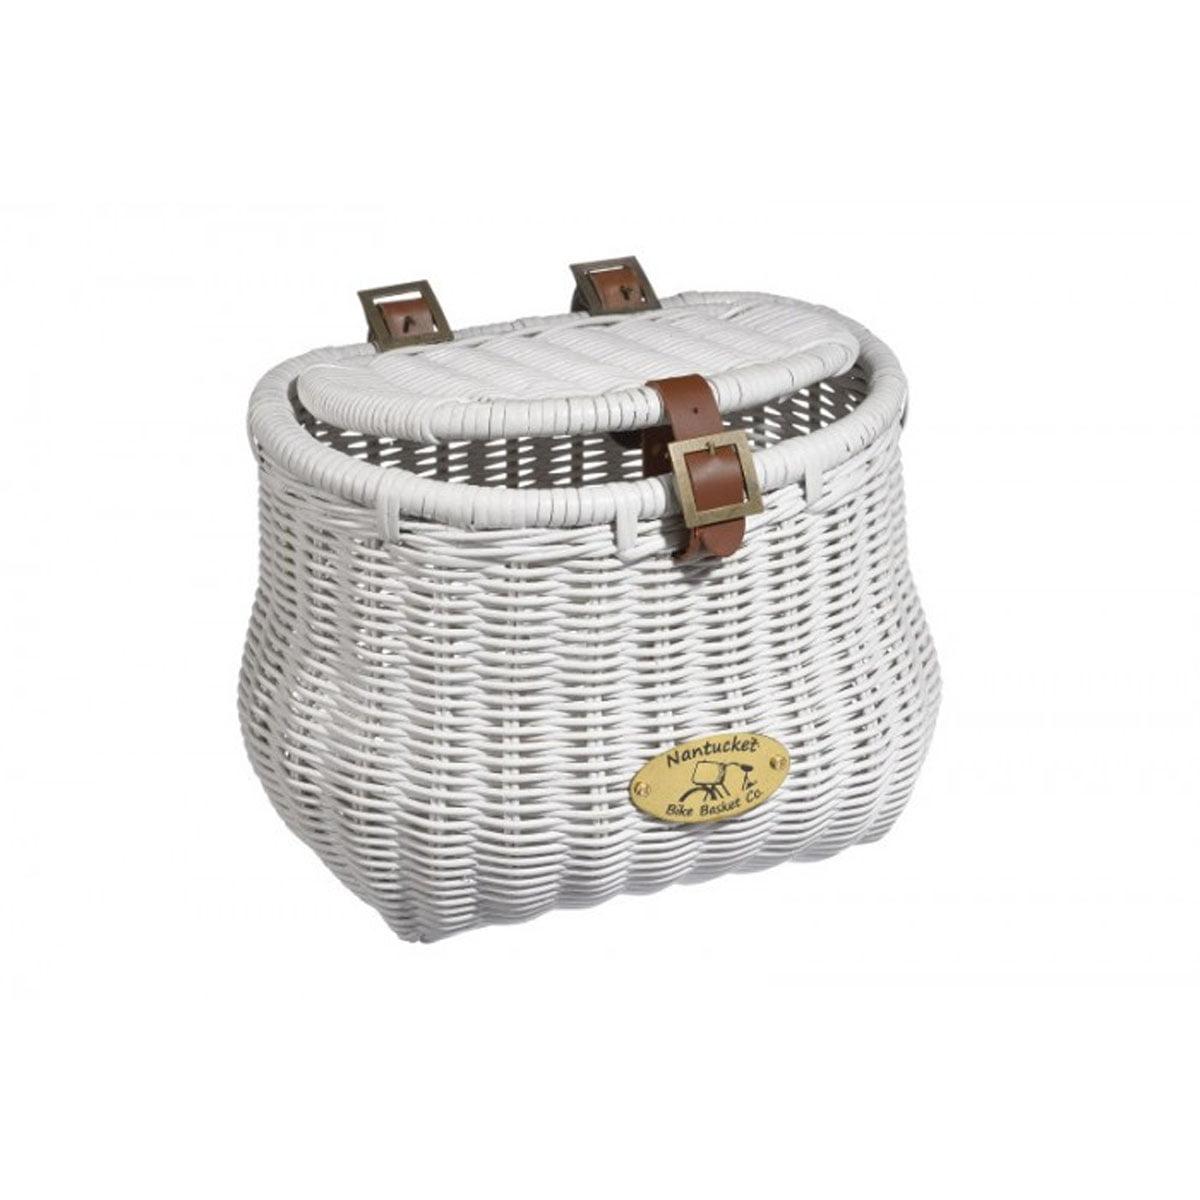 Madaket Cruiser Creel Basket w/ Lid